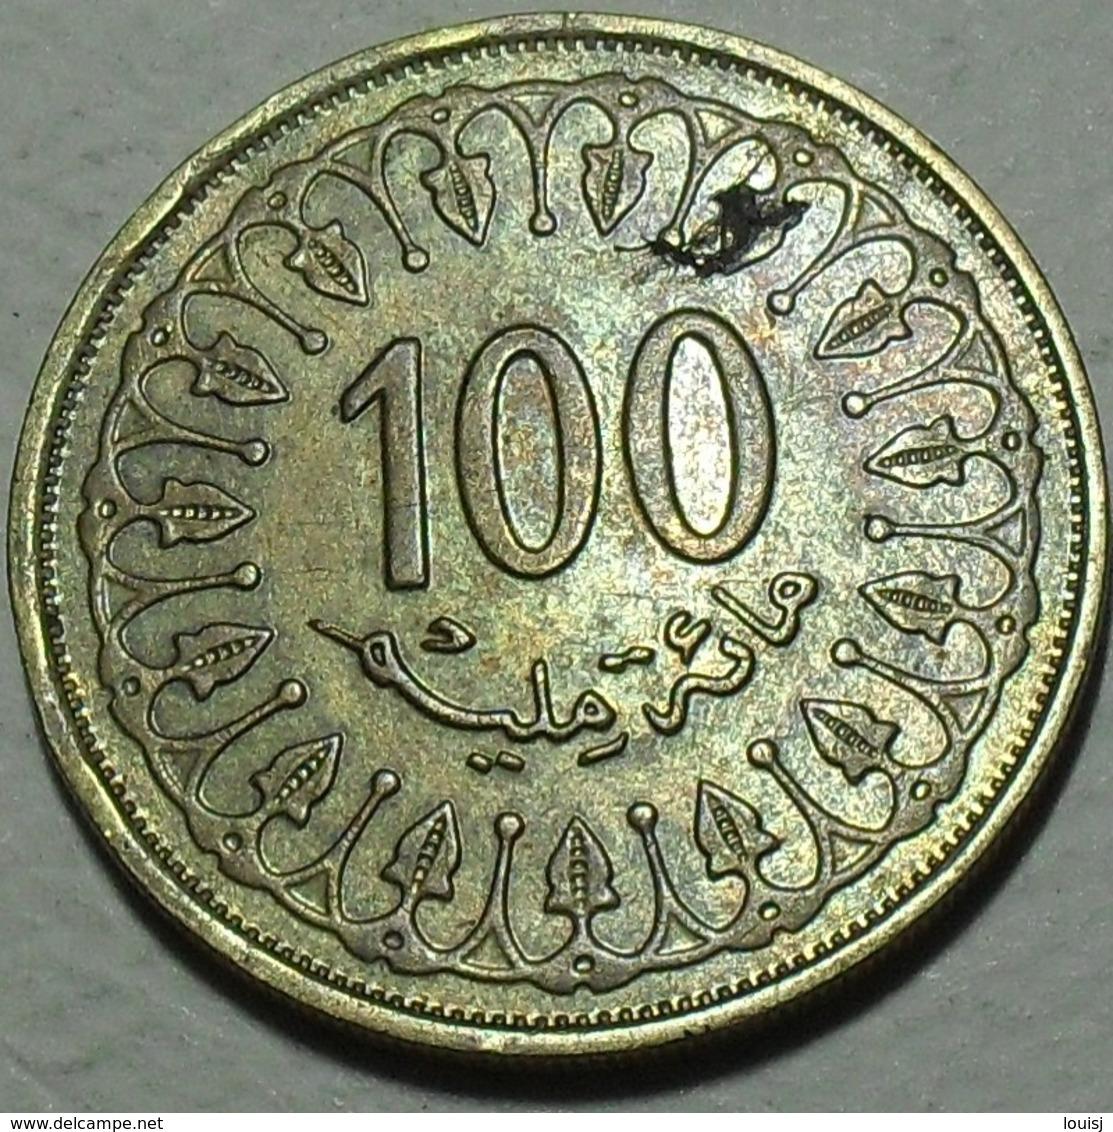 2013 - Tunisie - Tunisia - 1434 - 100 MILLIM - KM 309 - Tunisia